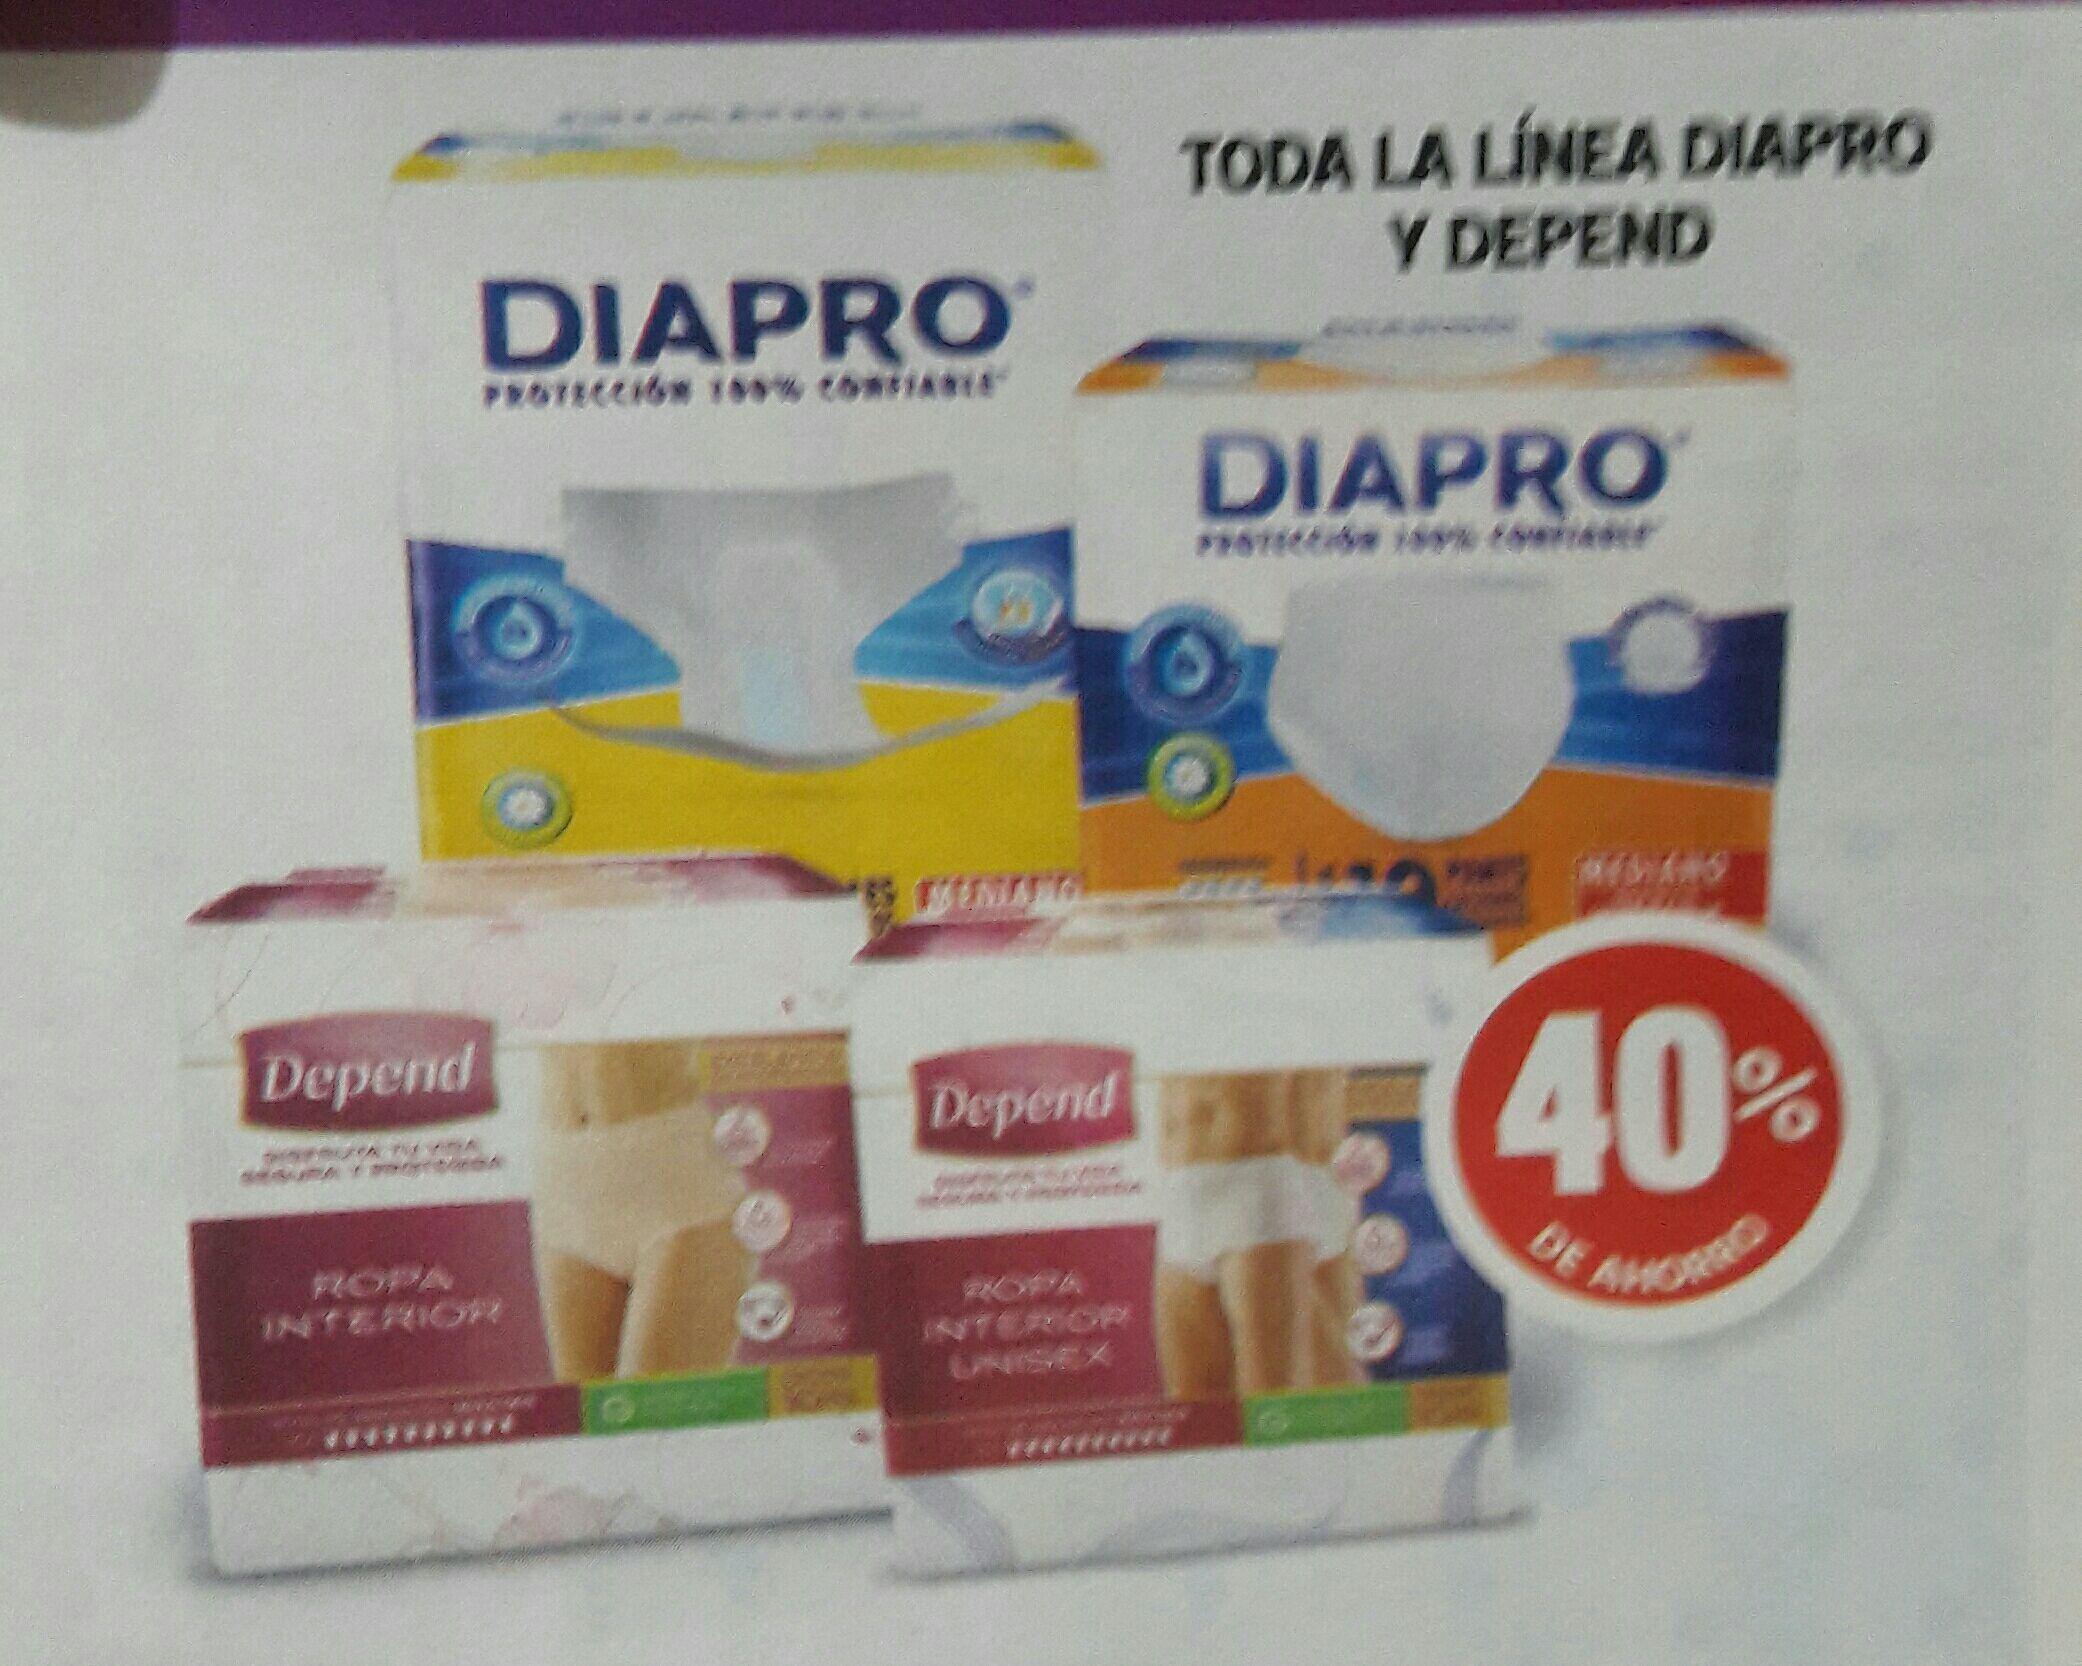 Farmacias guadalajara tiene los pañales para adulto Diapro y Depend